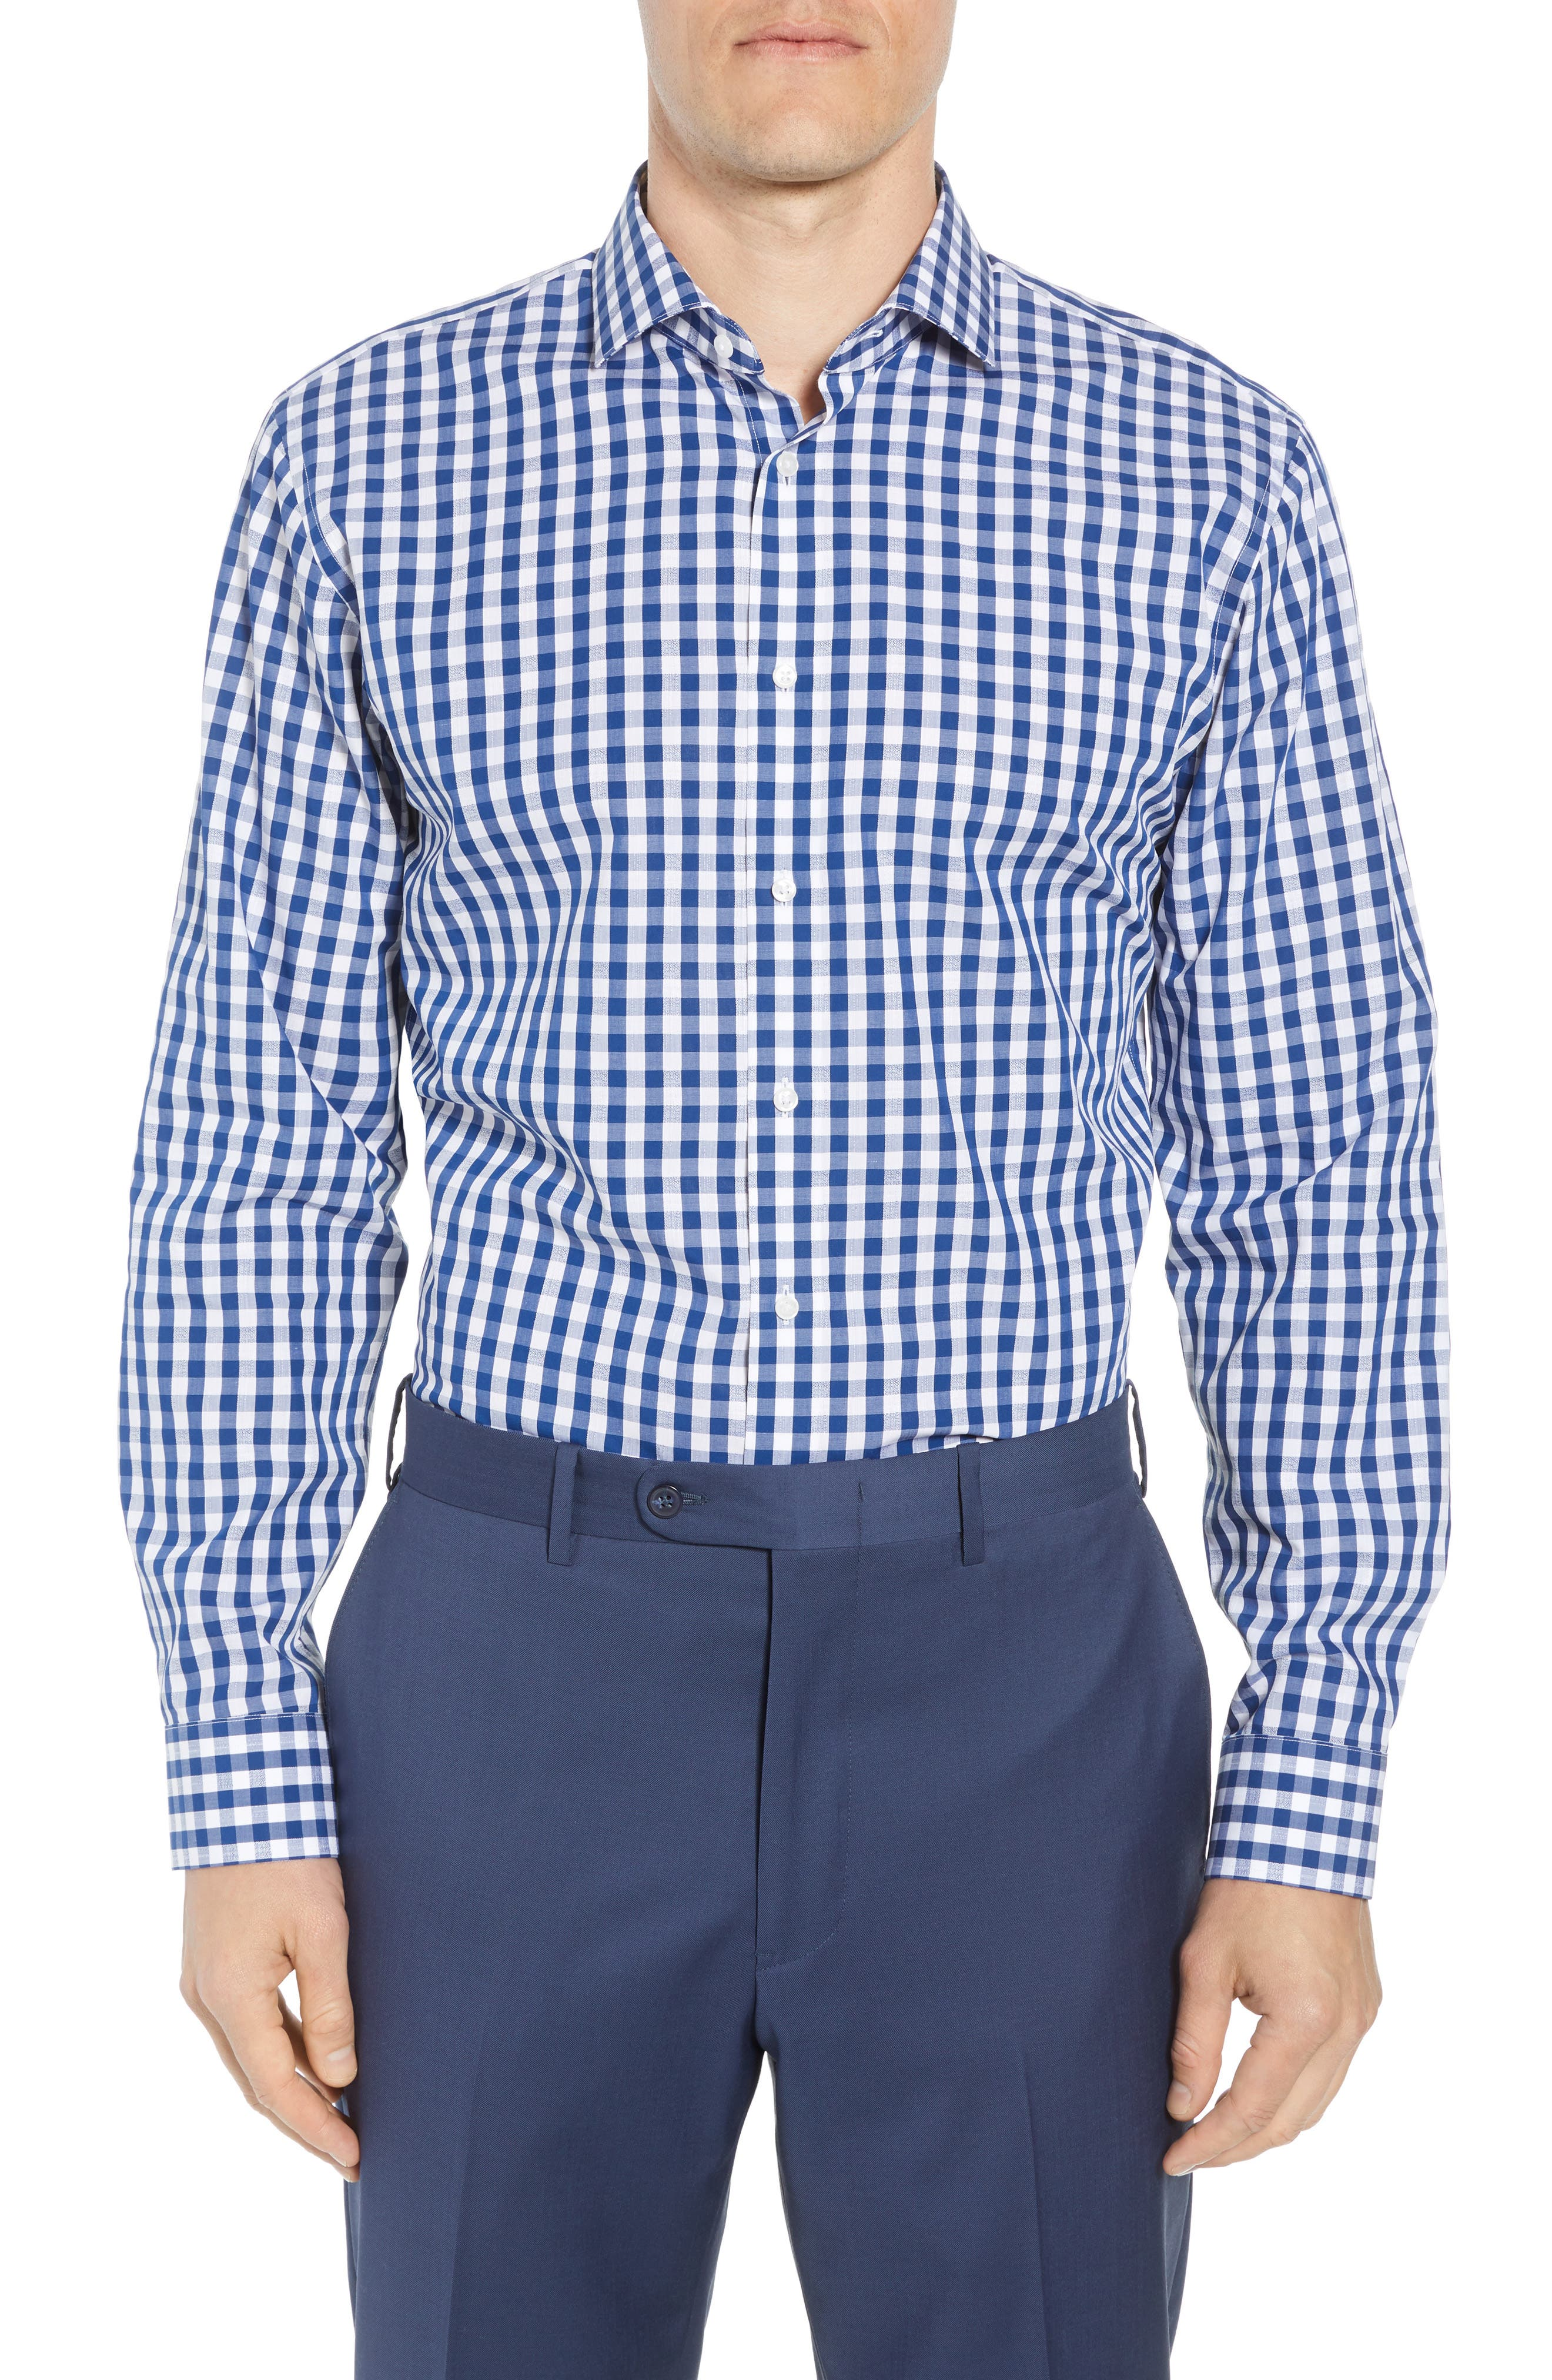 Trim Fit Check Dress Shirt,                         Main,                         color, BLUE CASPIA